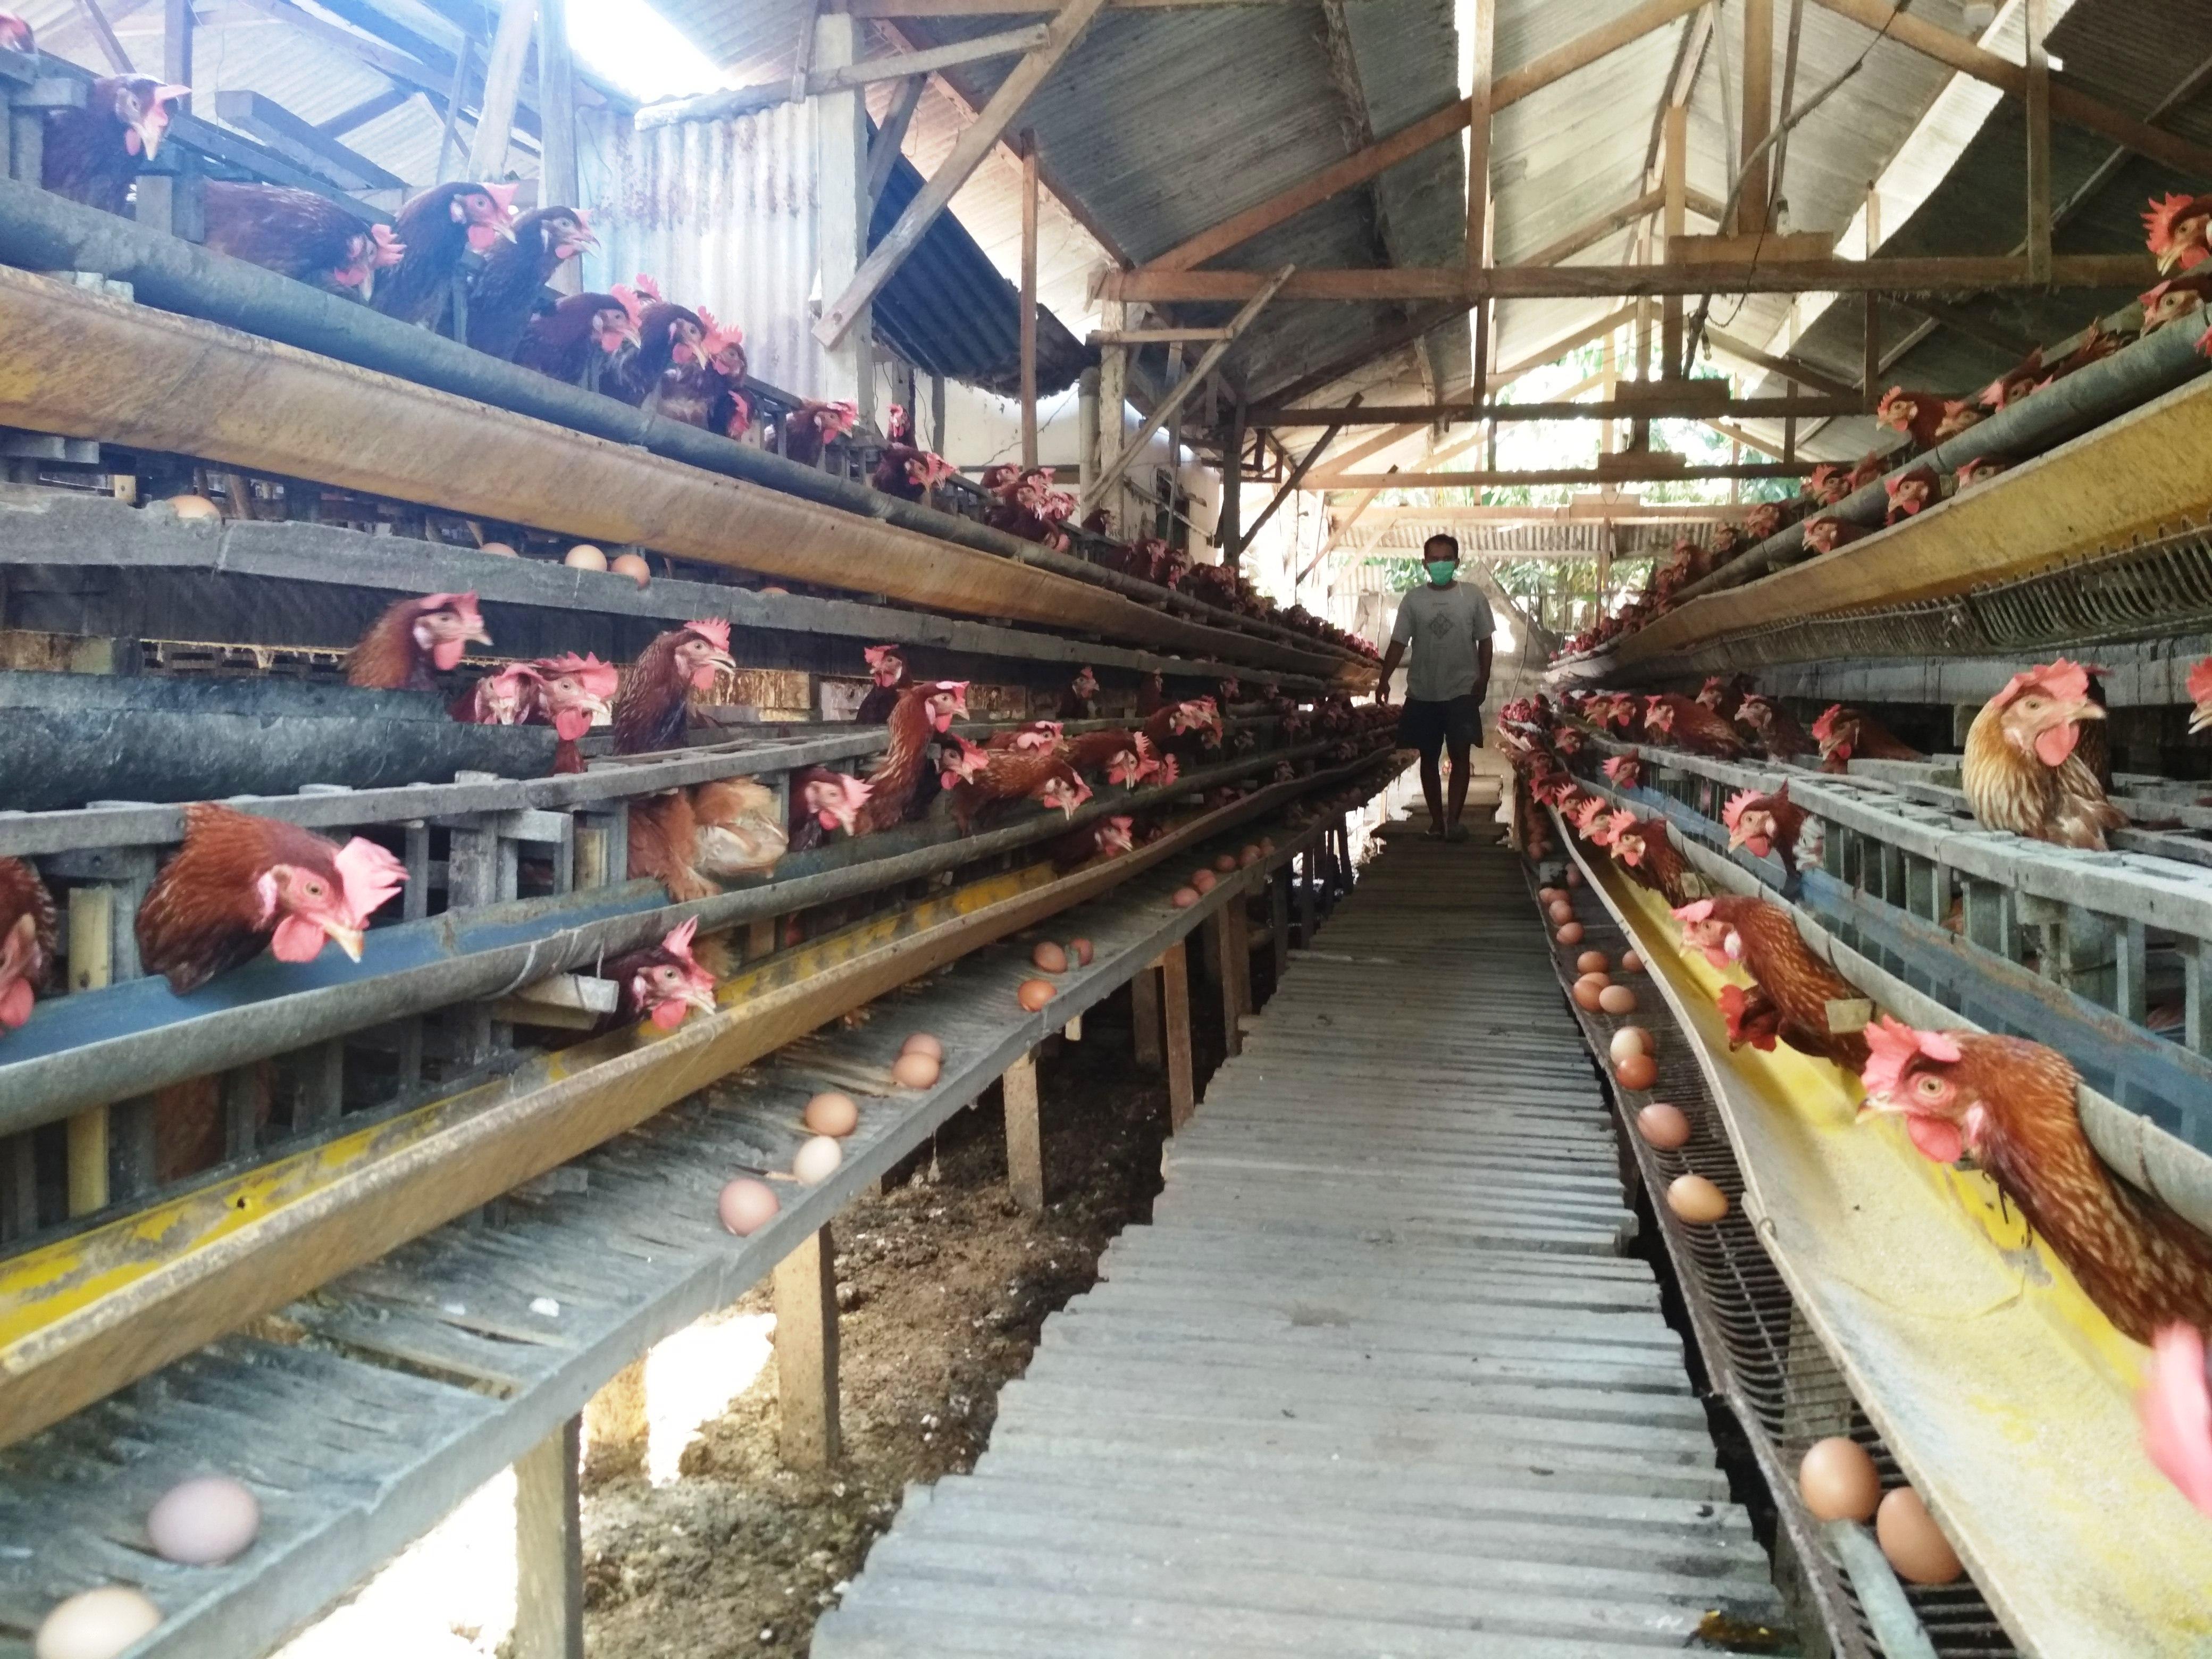 Produksi Telur Ayam Merosot, Regulasi Pemerintah Disoal